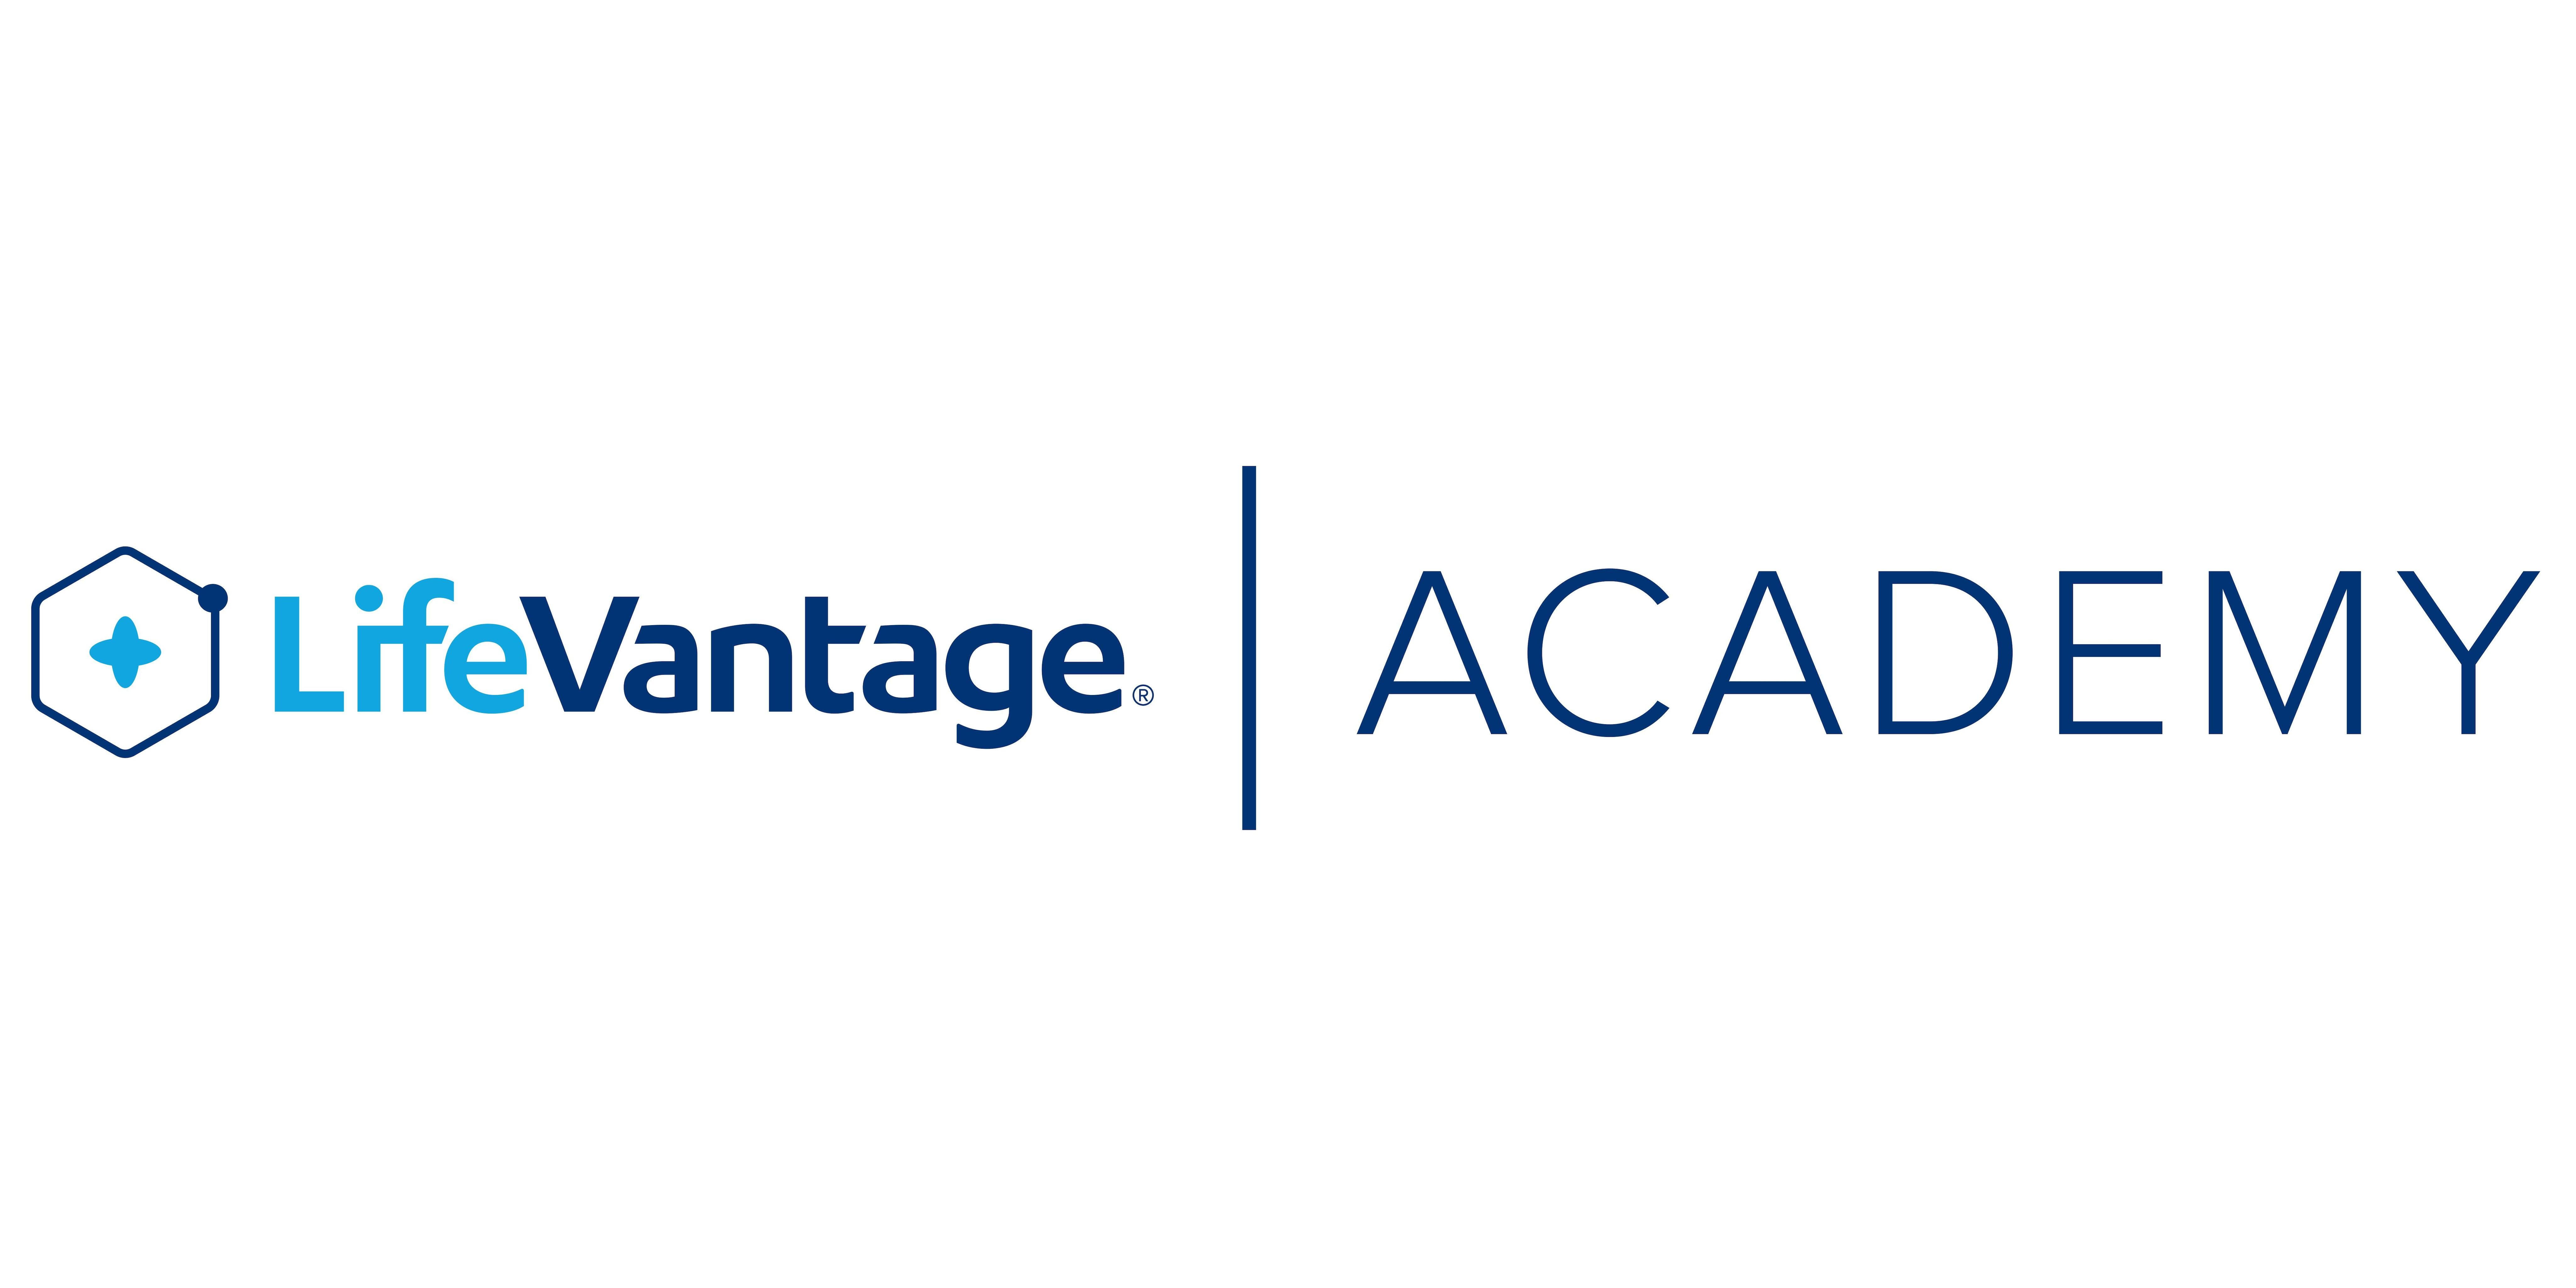 LifeVantage Academy, Phoenix, AZ - AUGUST 2018